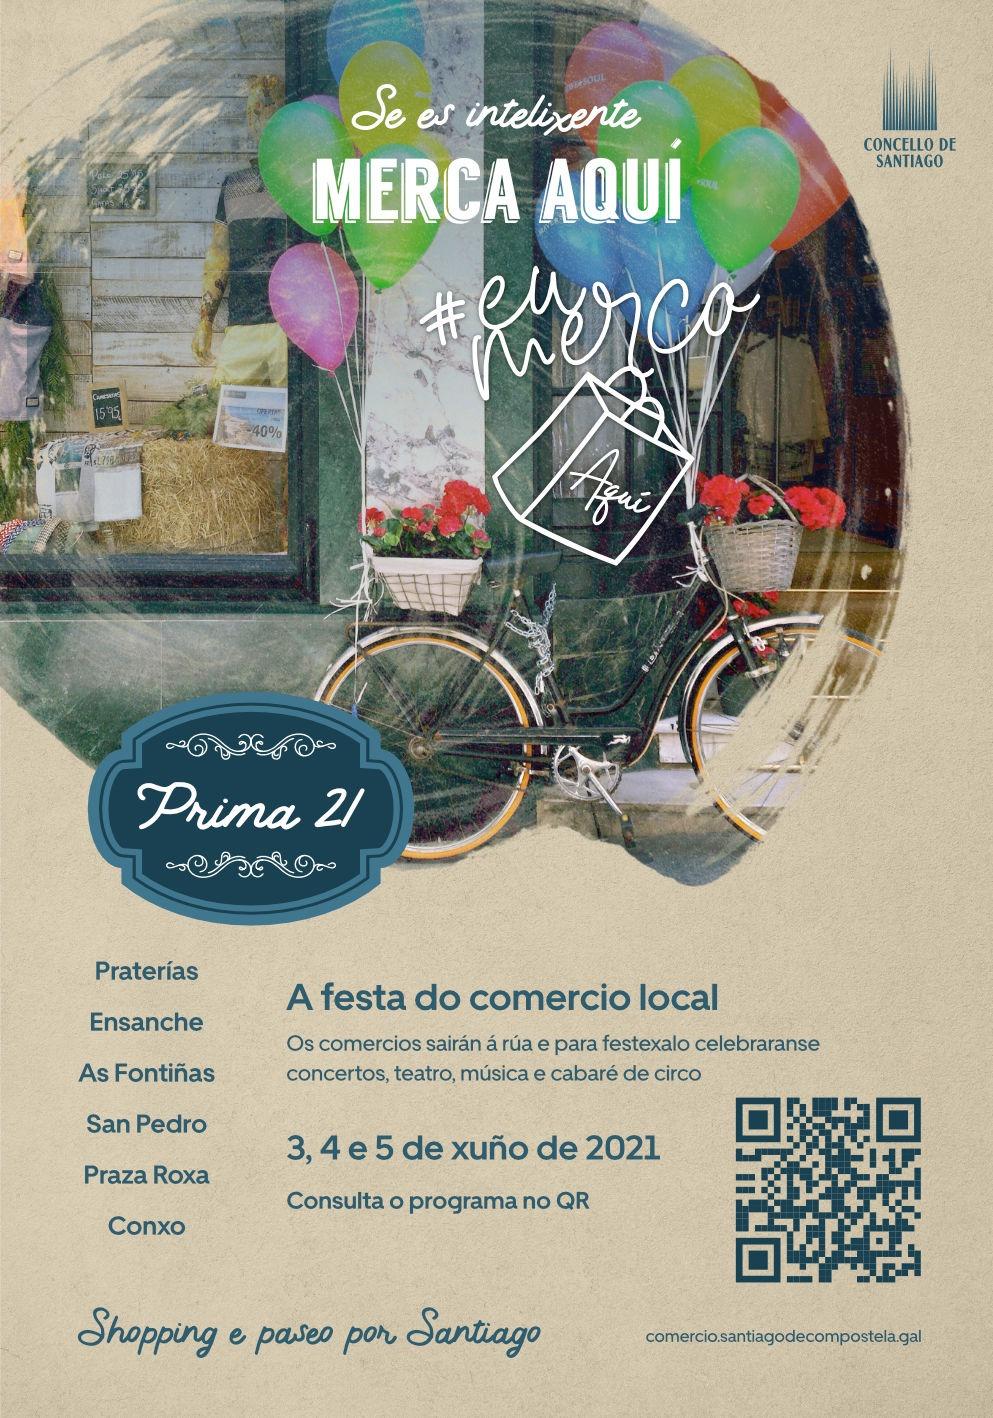 Arranca Prima 21, a festa do comercio local